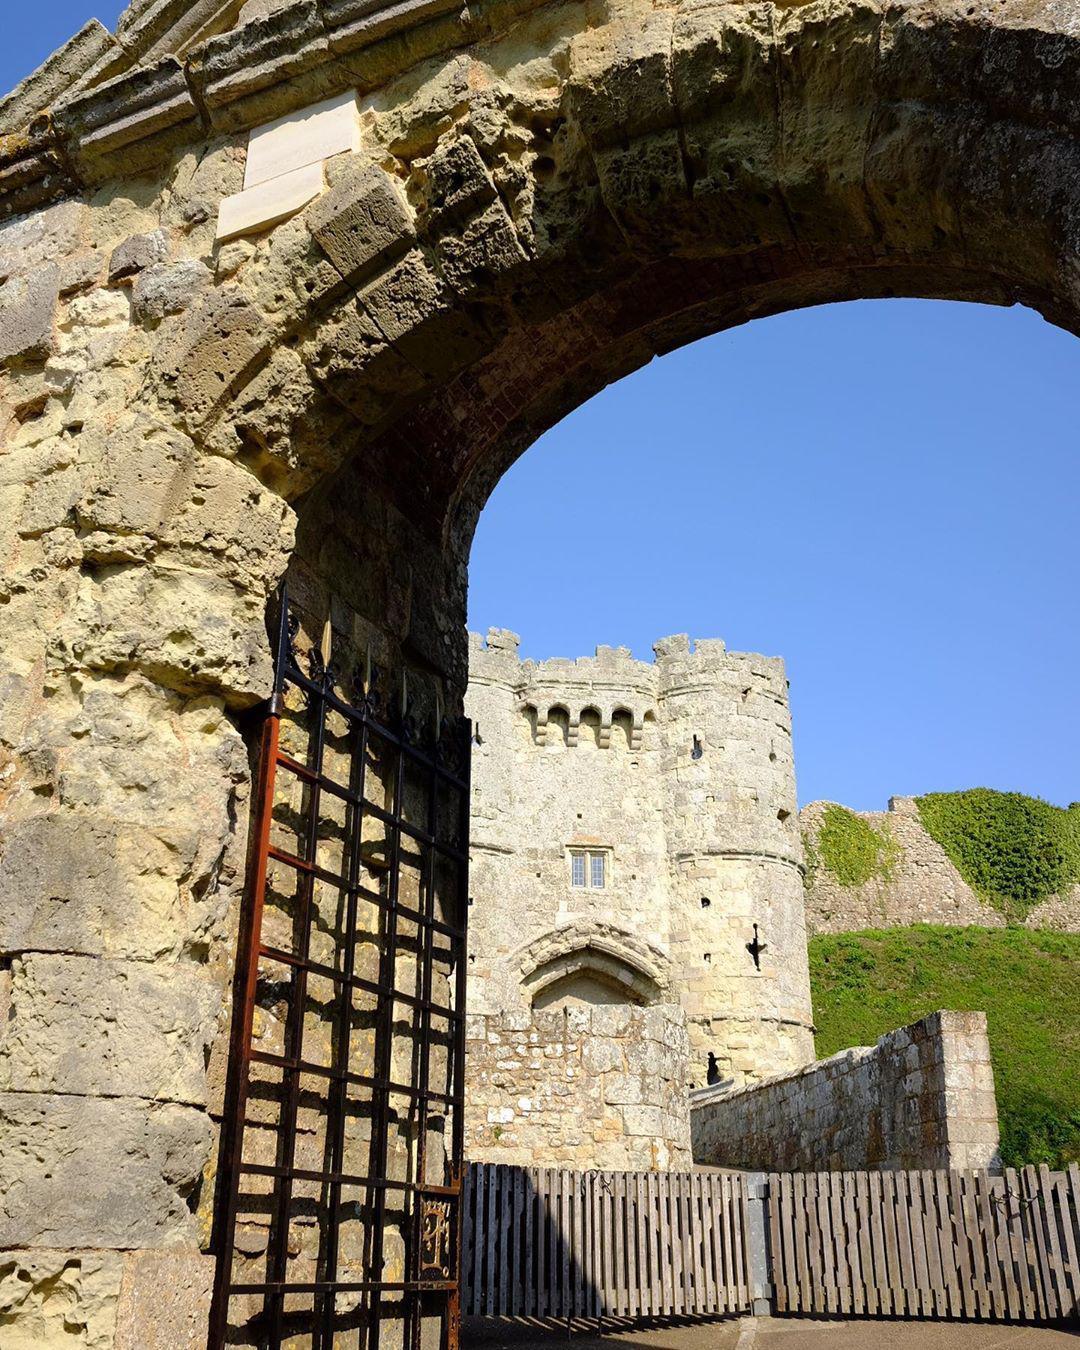 Carisbrooke城堡